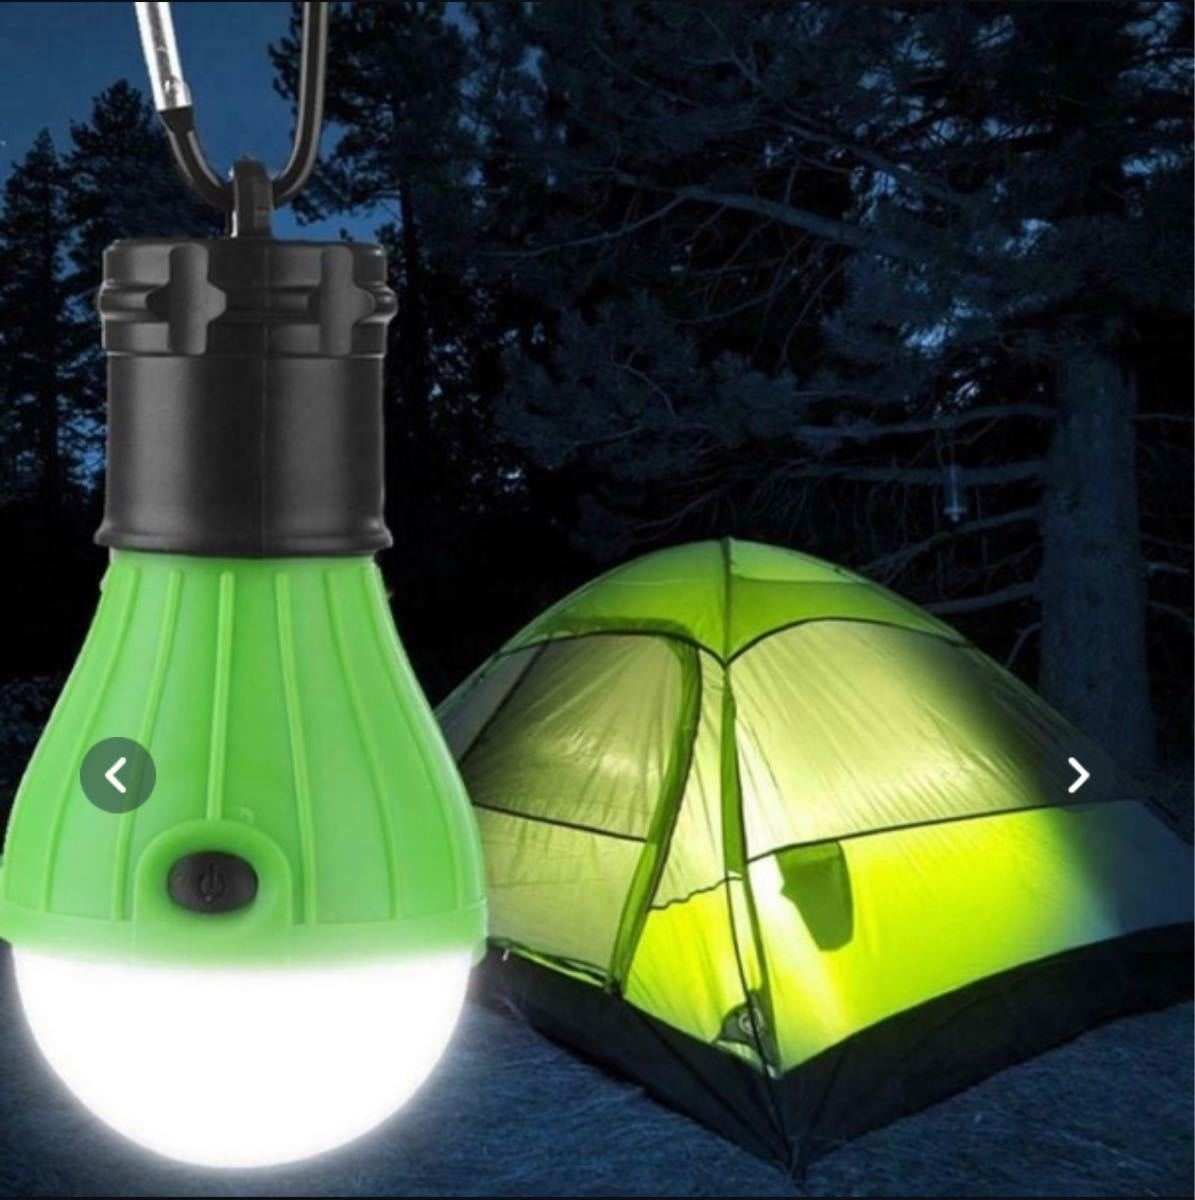 キャンプテント ライト LED テント キャンプラ LEDランタン 懐中電灯 屋外 3セット 新品未使用 電球 アウトドア